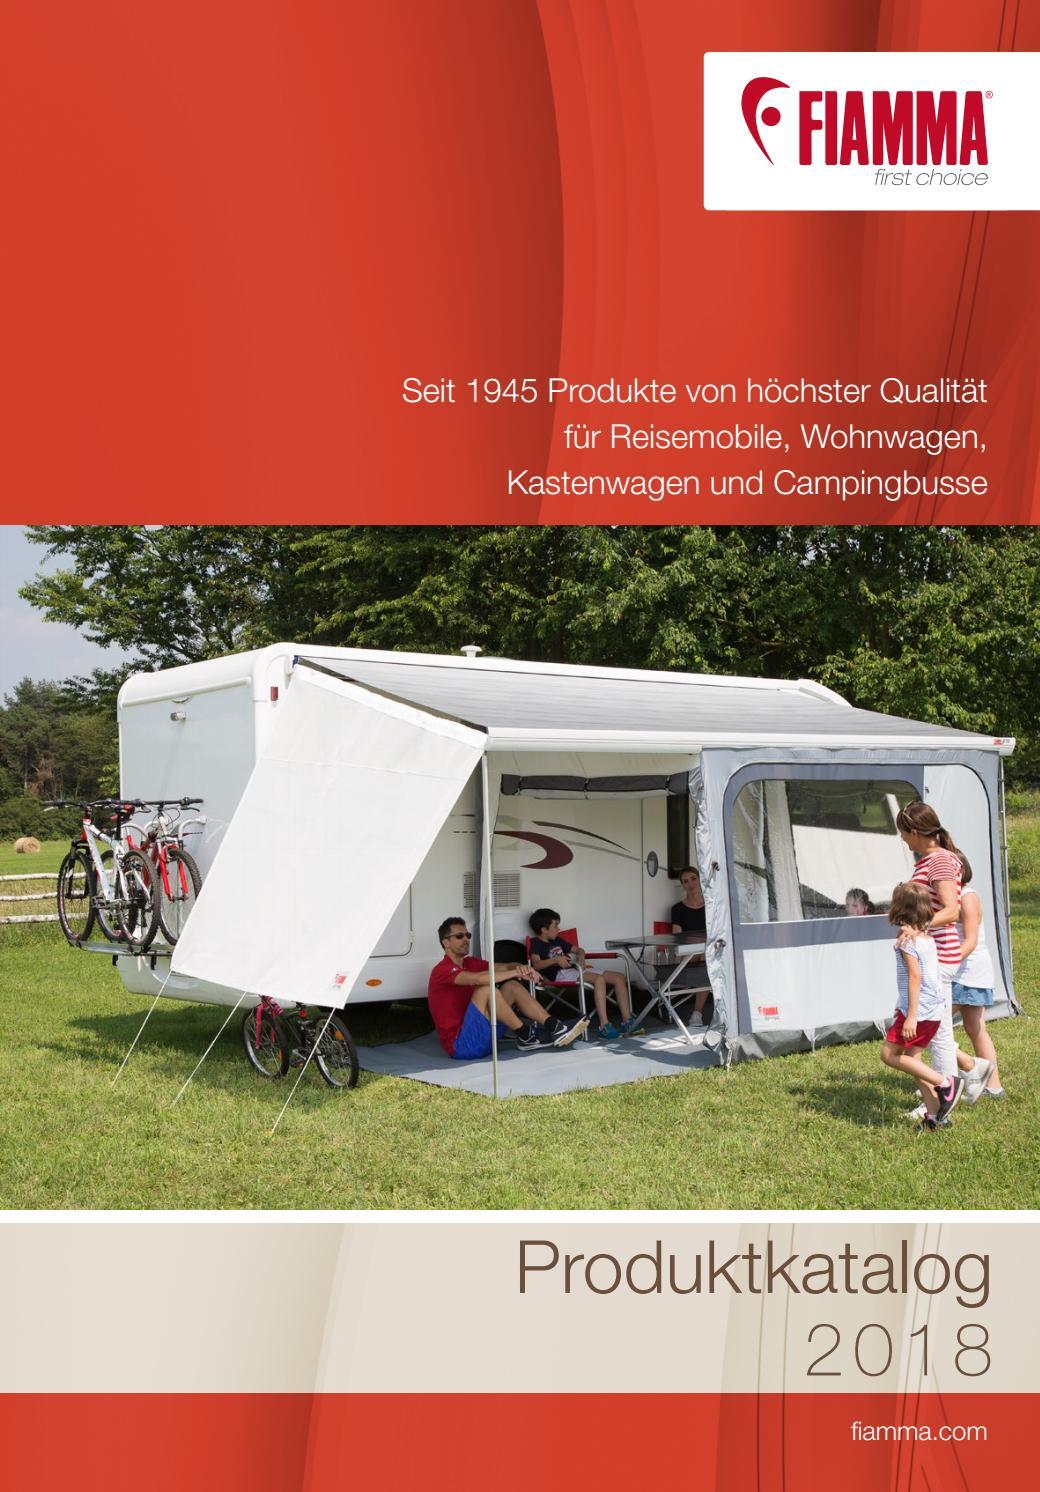 Geringer Leistung in Watt 1 Liter Klappbar Elektrisch Reise Campen Wohnwagen